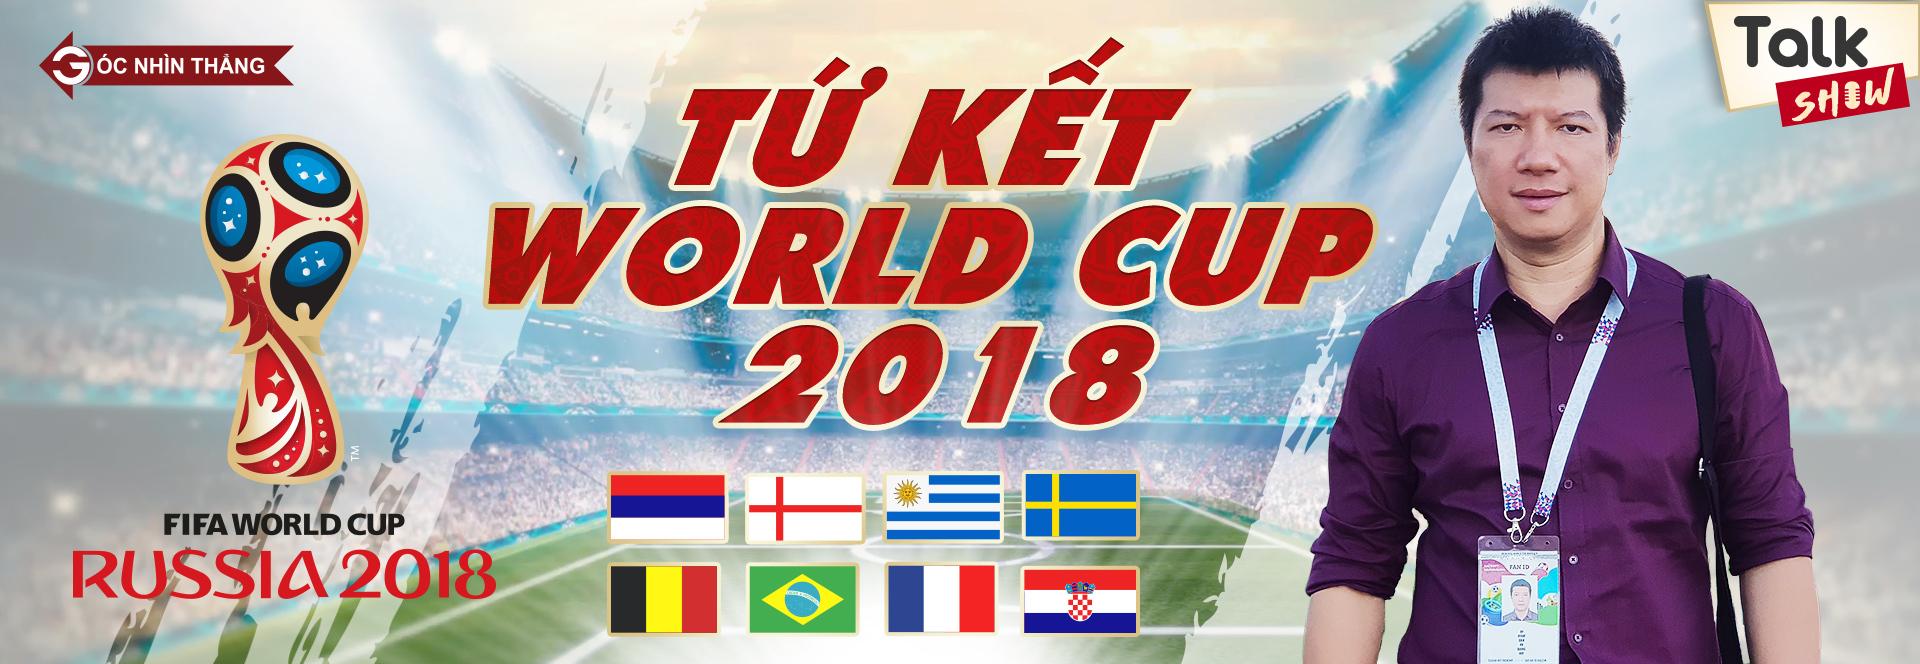 World Cup 2018,BLV Vũ Quang Huy,Tứ kết World Cup 2018,Pháp,Uruguay